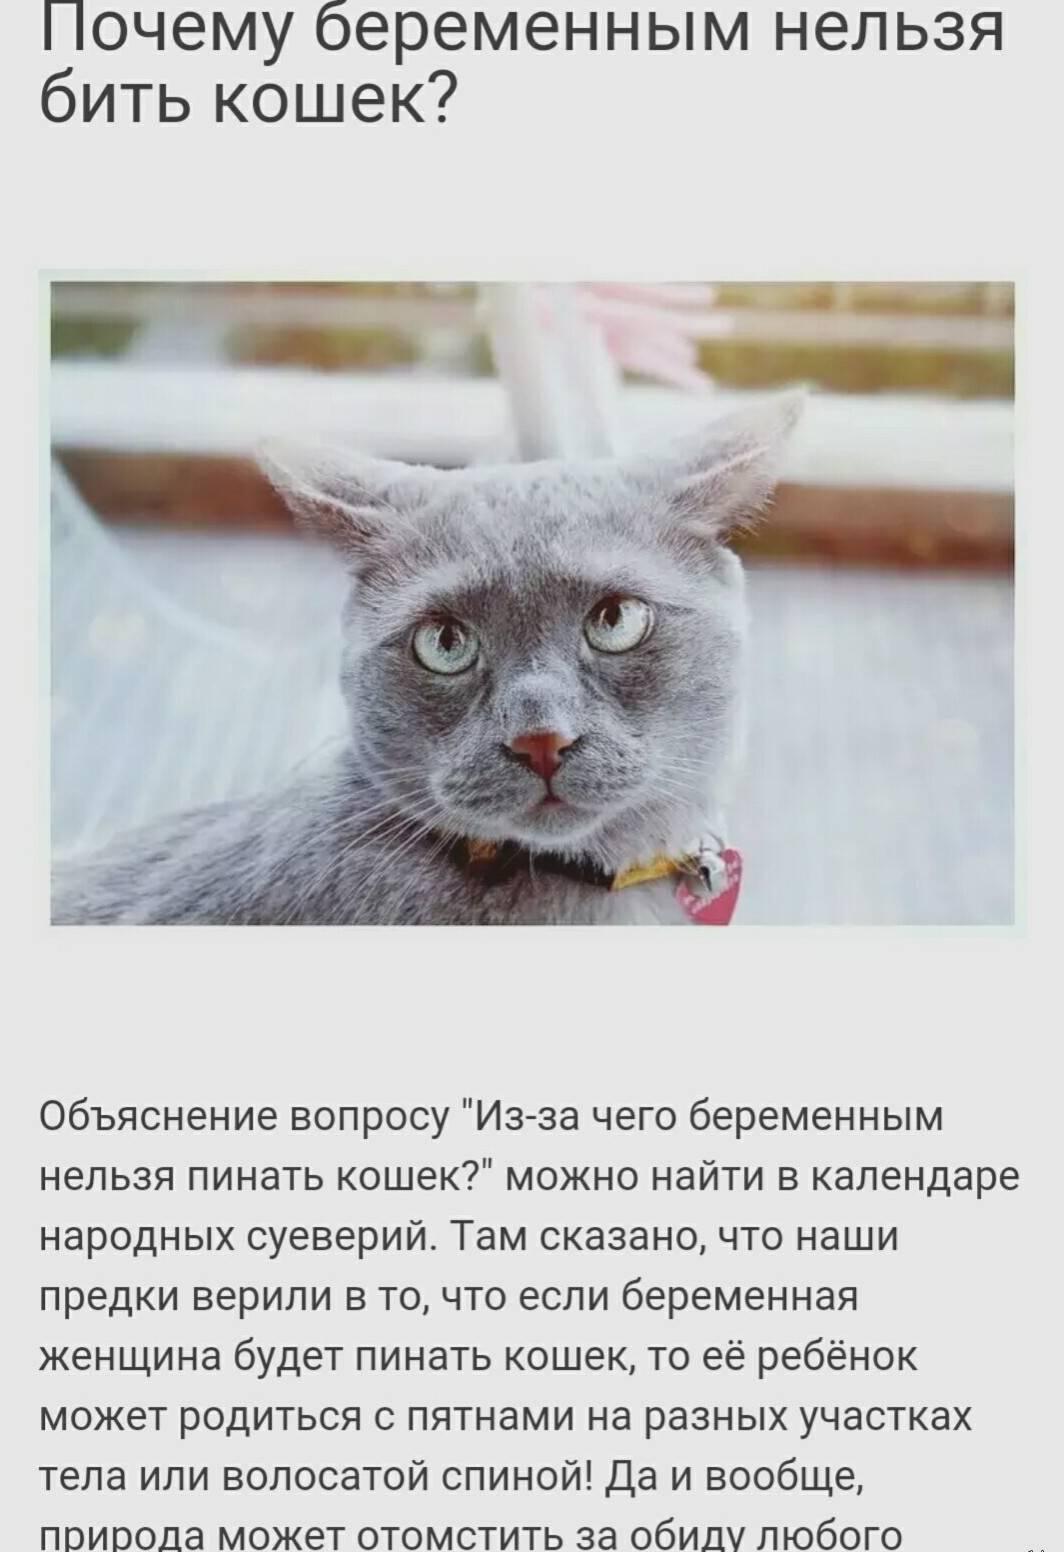 Как правильно воспитать котенка, можно ли бить и наказывать кошку